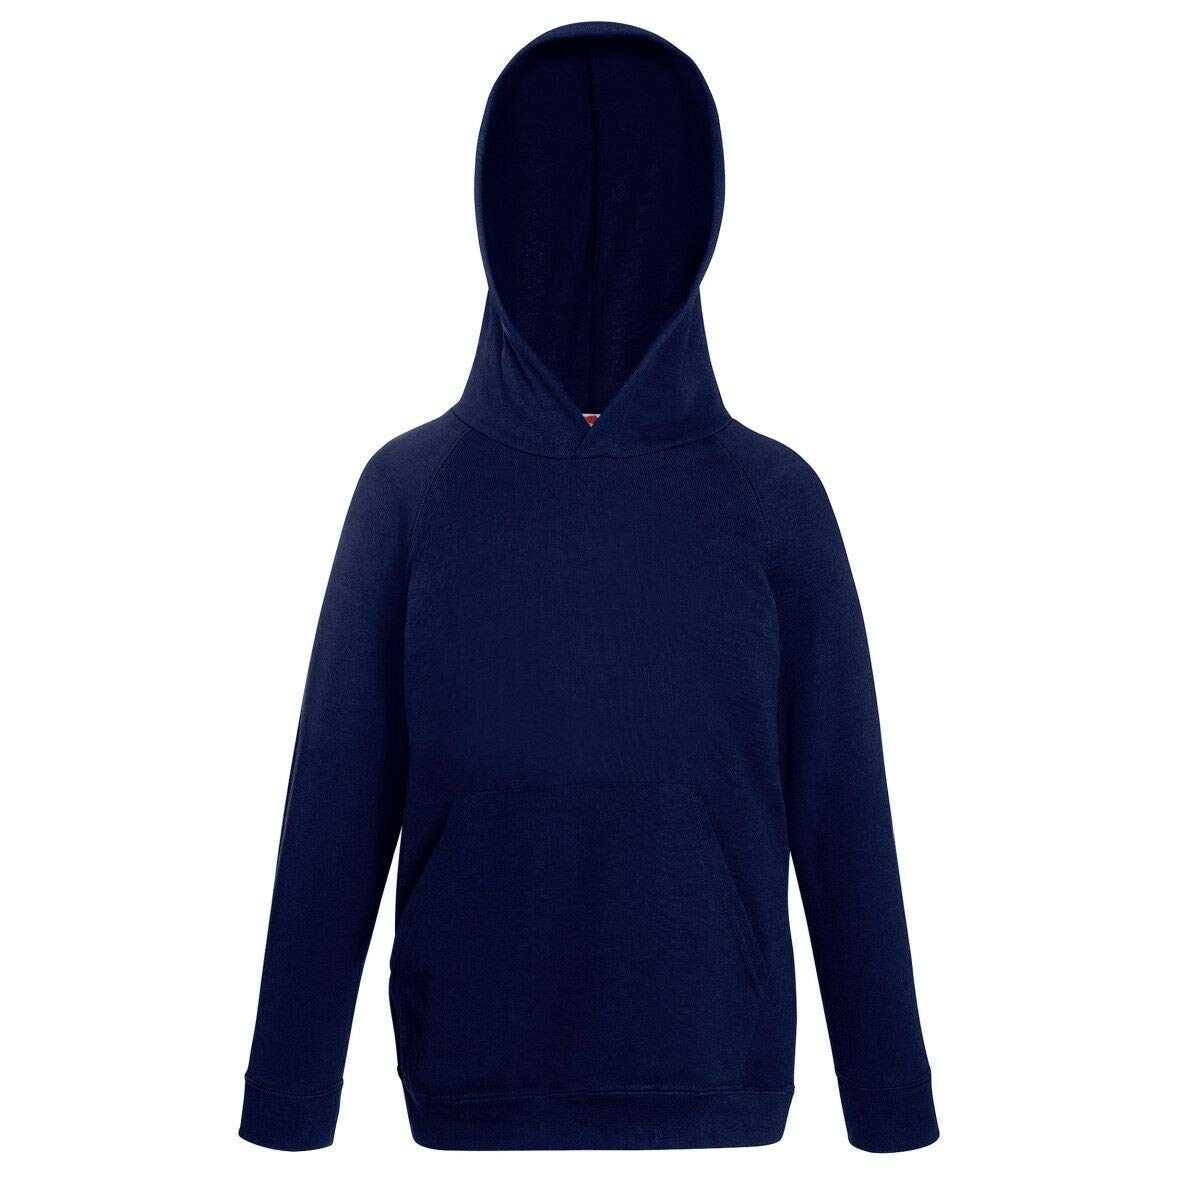 12-13 Azure Blue Fruit of the Loom Childrens Unisex Lightweight Hooded Sweatshirt//Hoodie